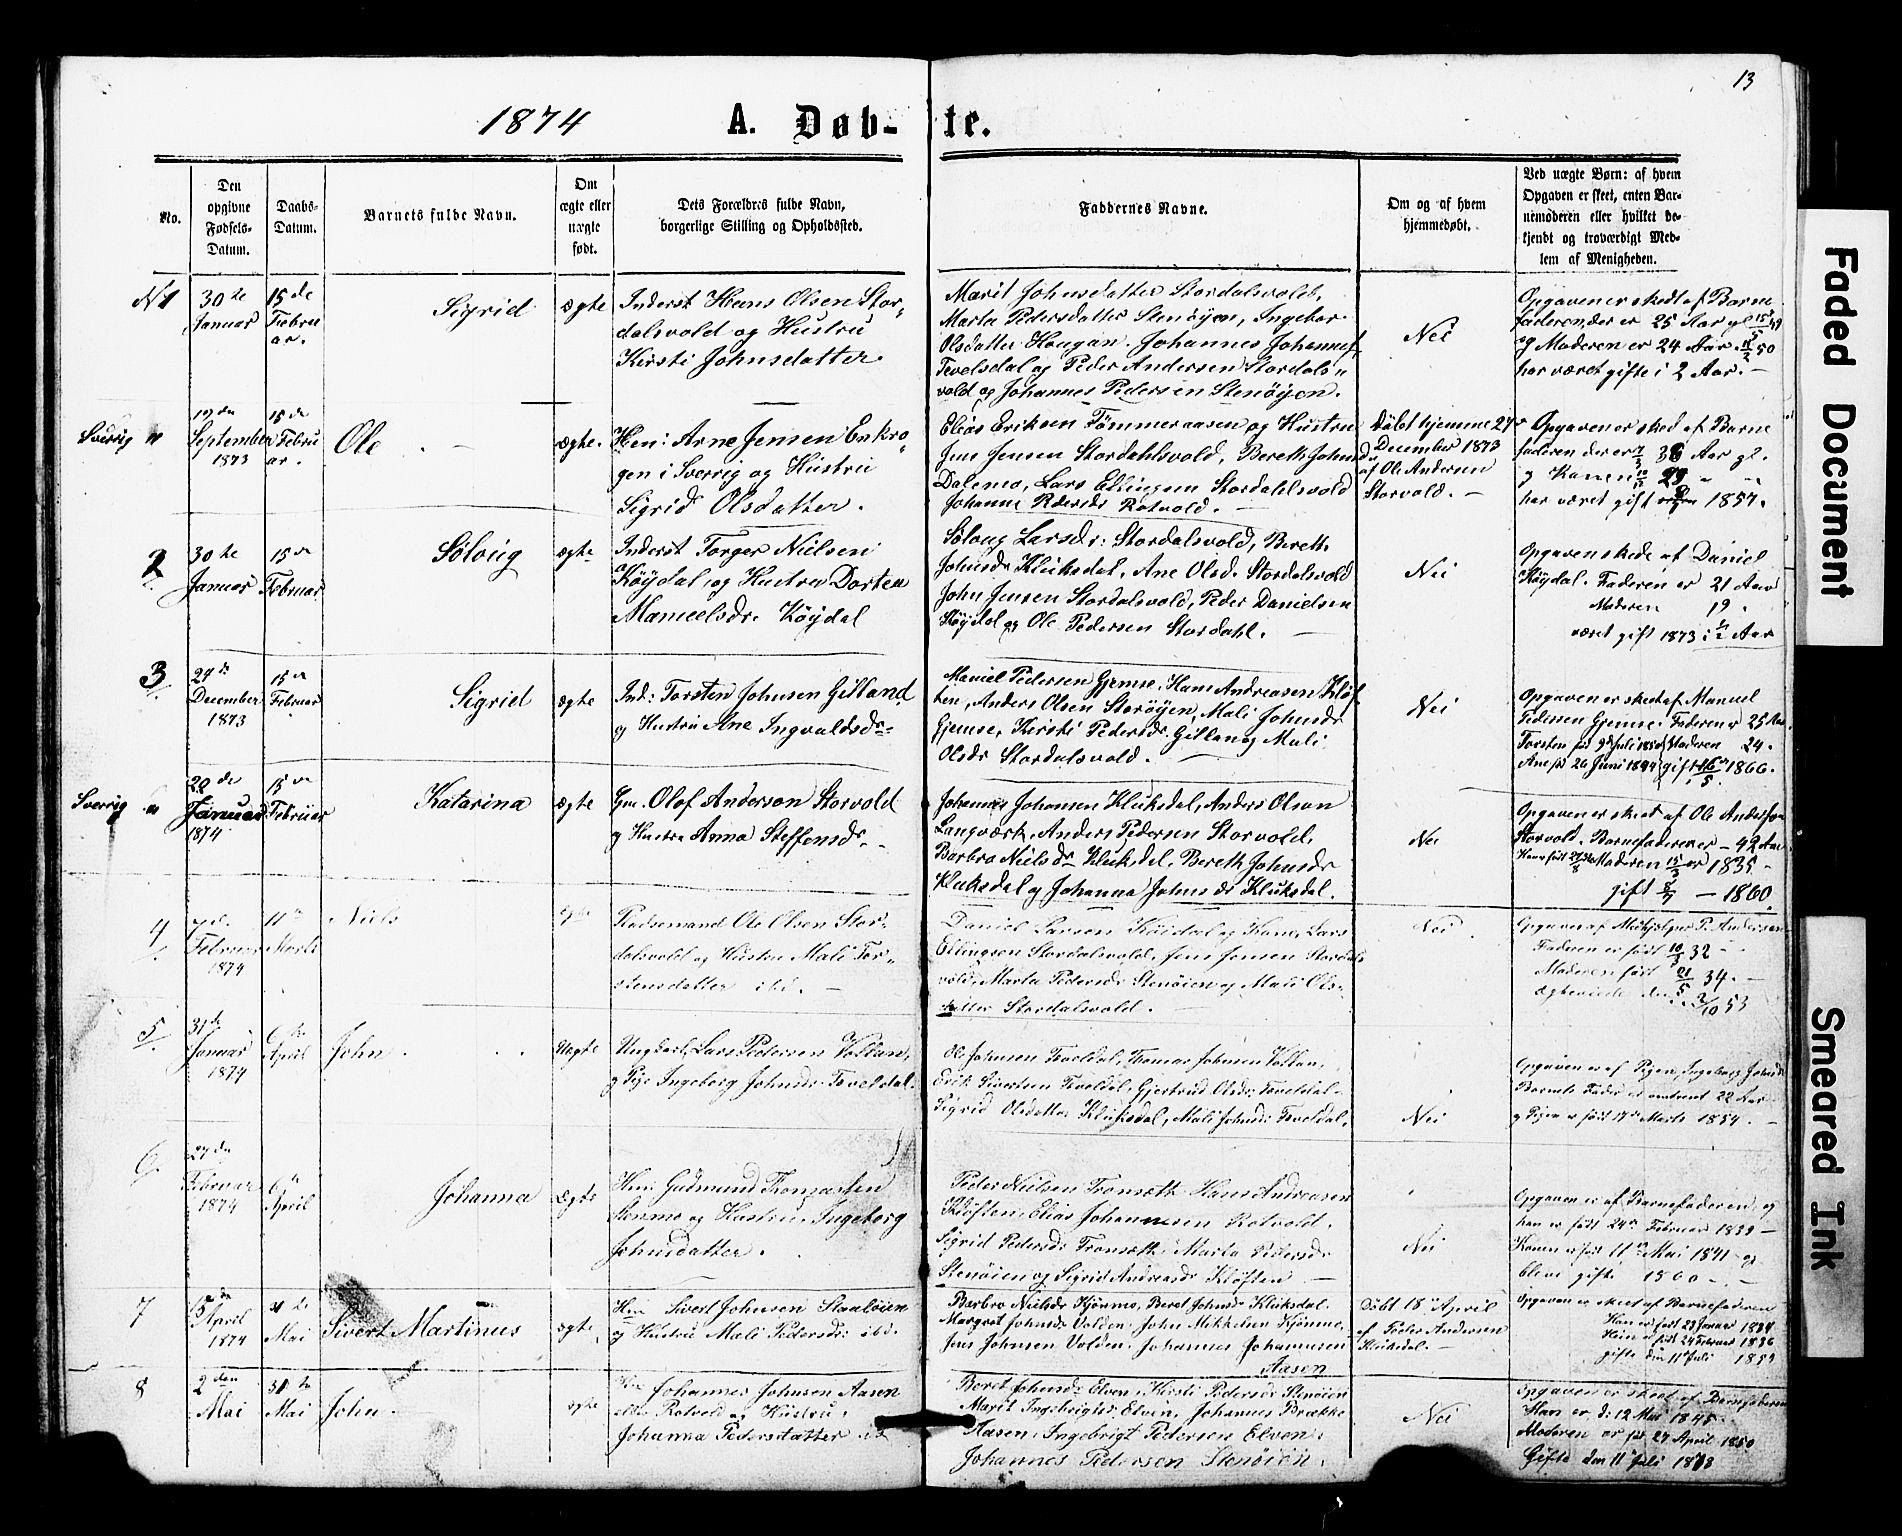 SAT, Ministerialprotokoller, klokkerbøker og fødselsregistre - Nord-Trøndelag, 707/L0052: Klokkerbok nr. 707C01, 1864-1897, s. 13